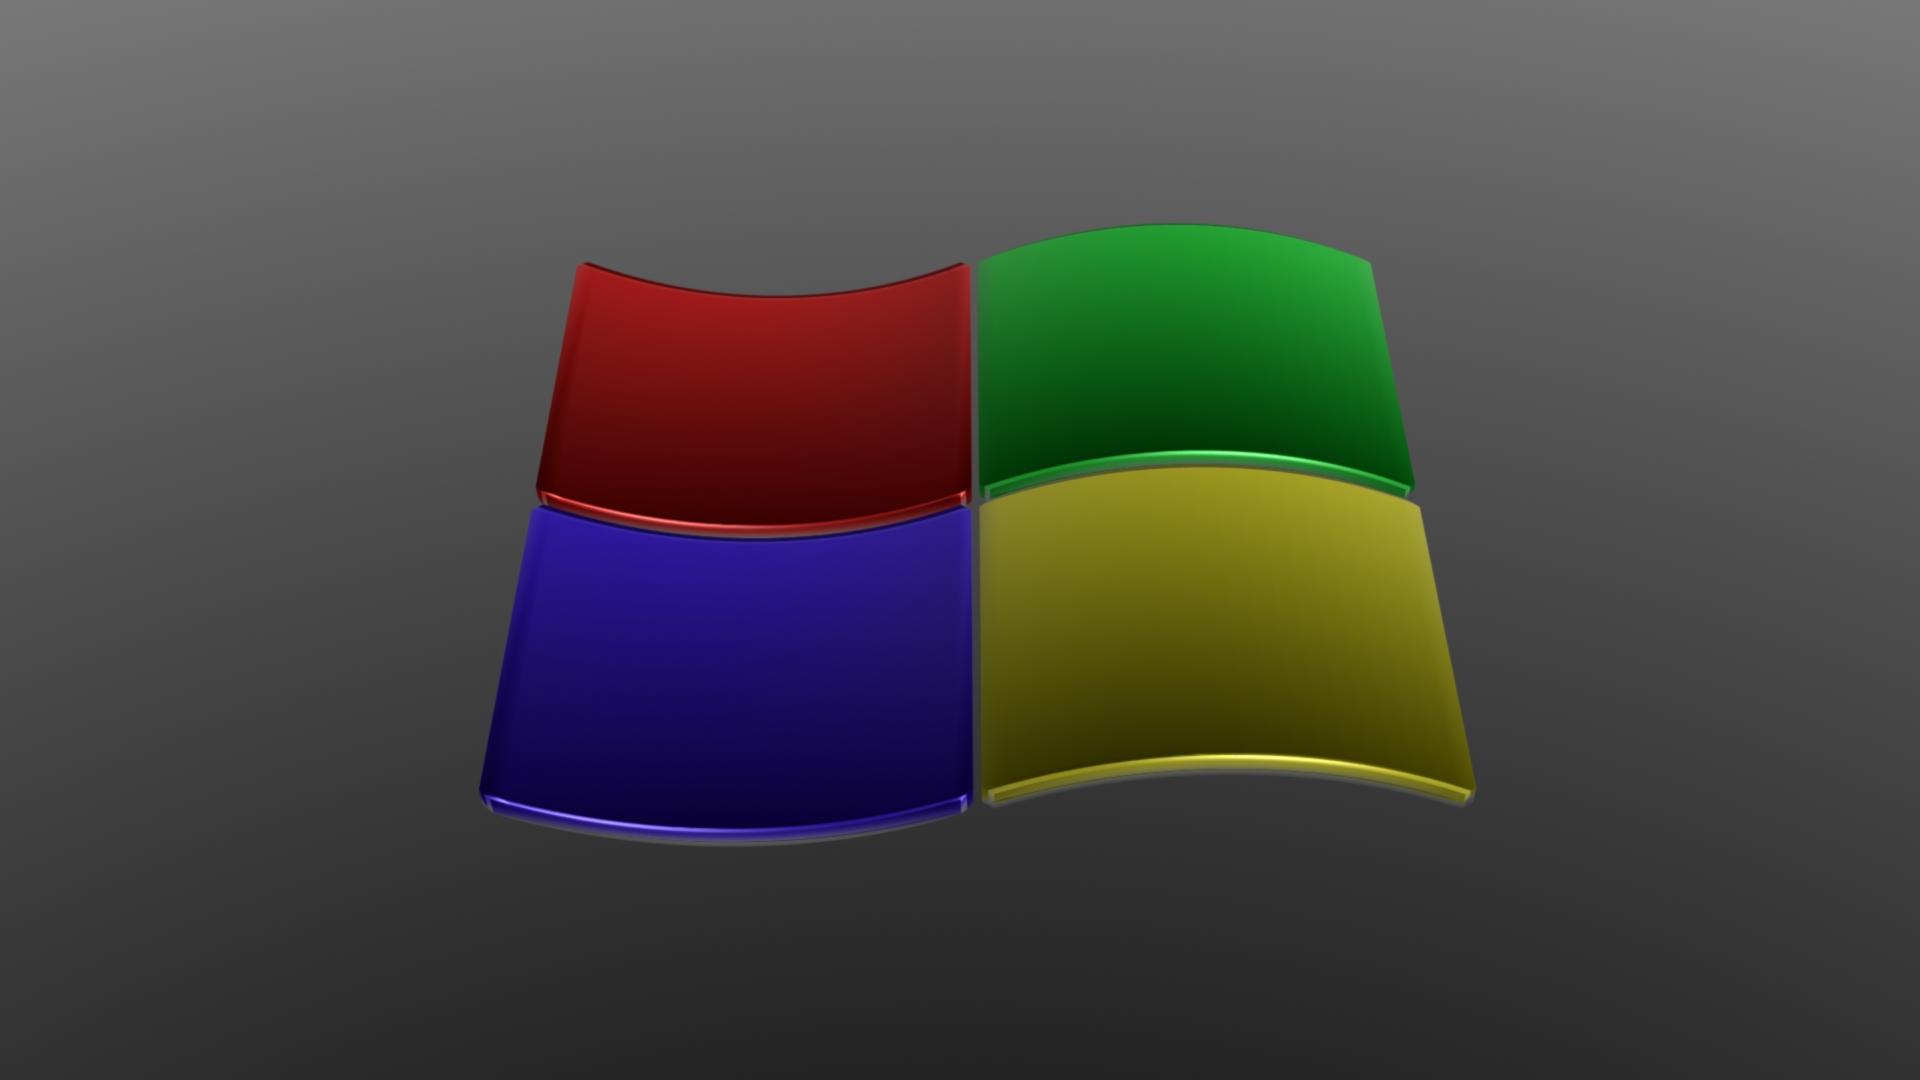 Windows Logo 3dsmax by AKLP